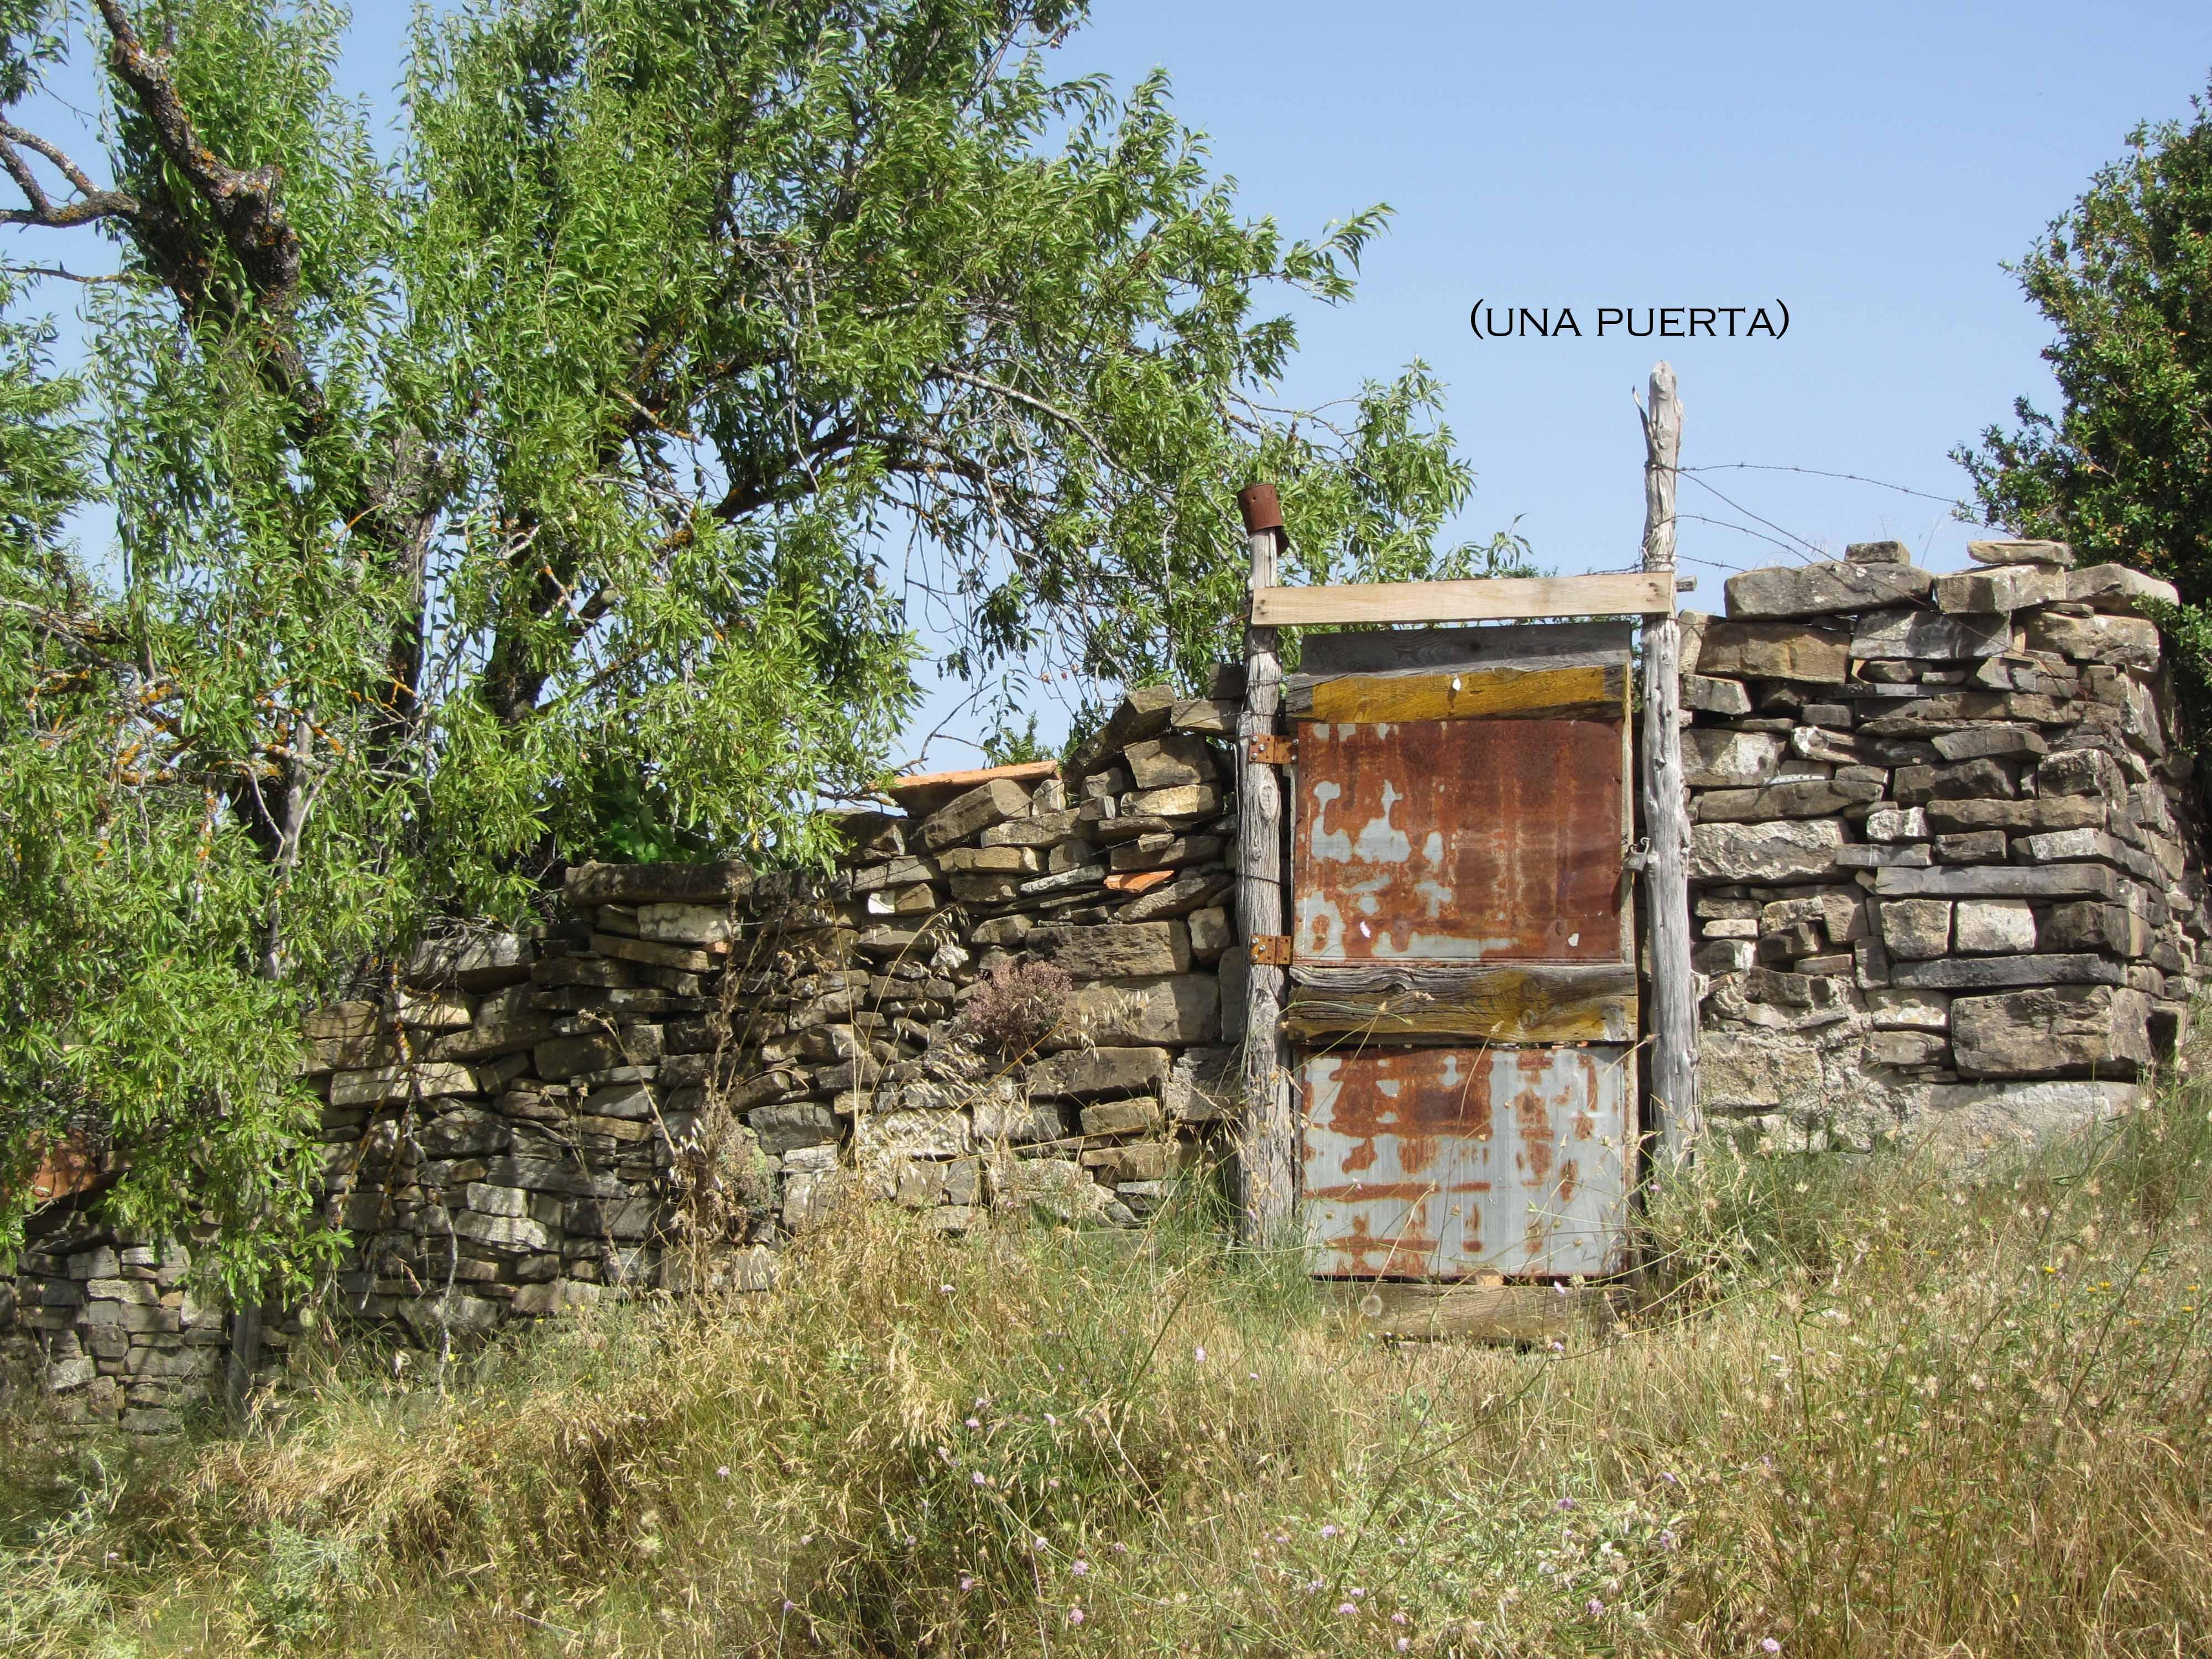 Puertas non perfect el blog imperfecto for Puertas de cuarterones antiguas